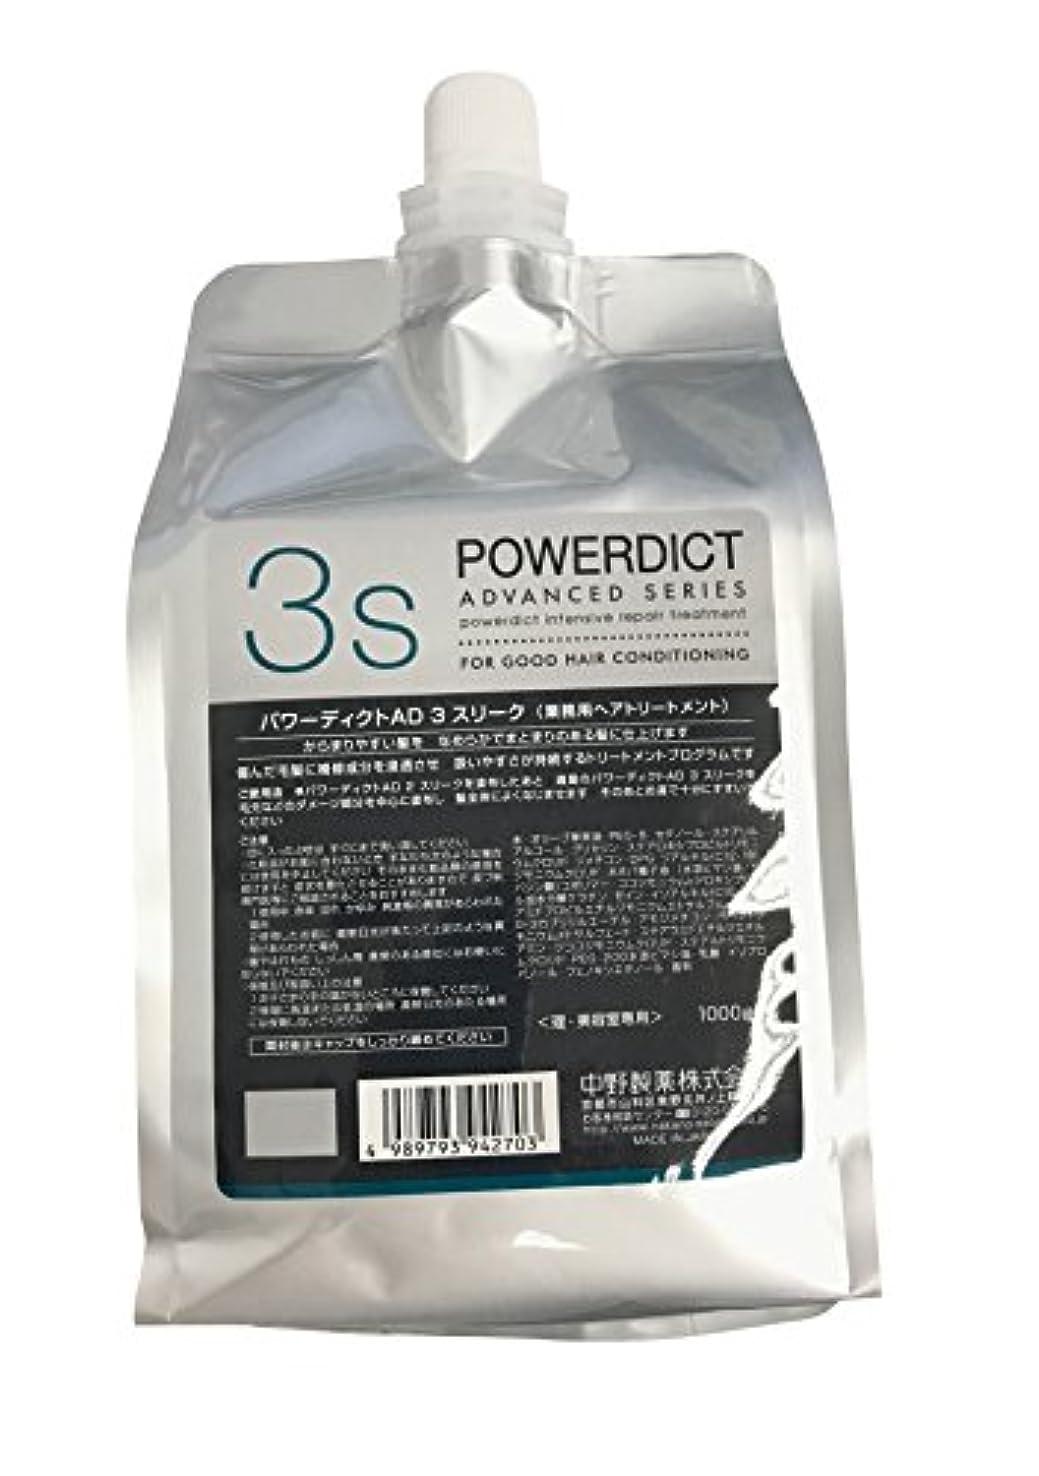 冷える利用可能揮発性中野製薬 パワーディクト AD3 スリーク 1000g